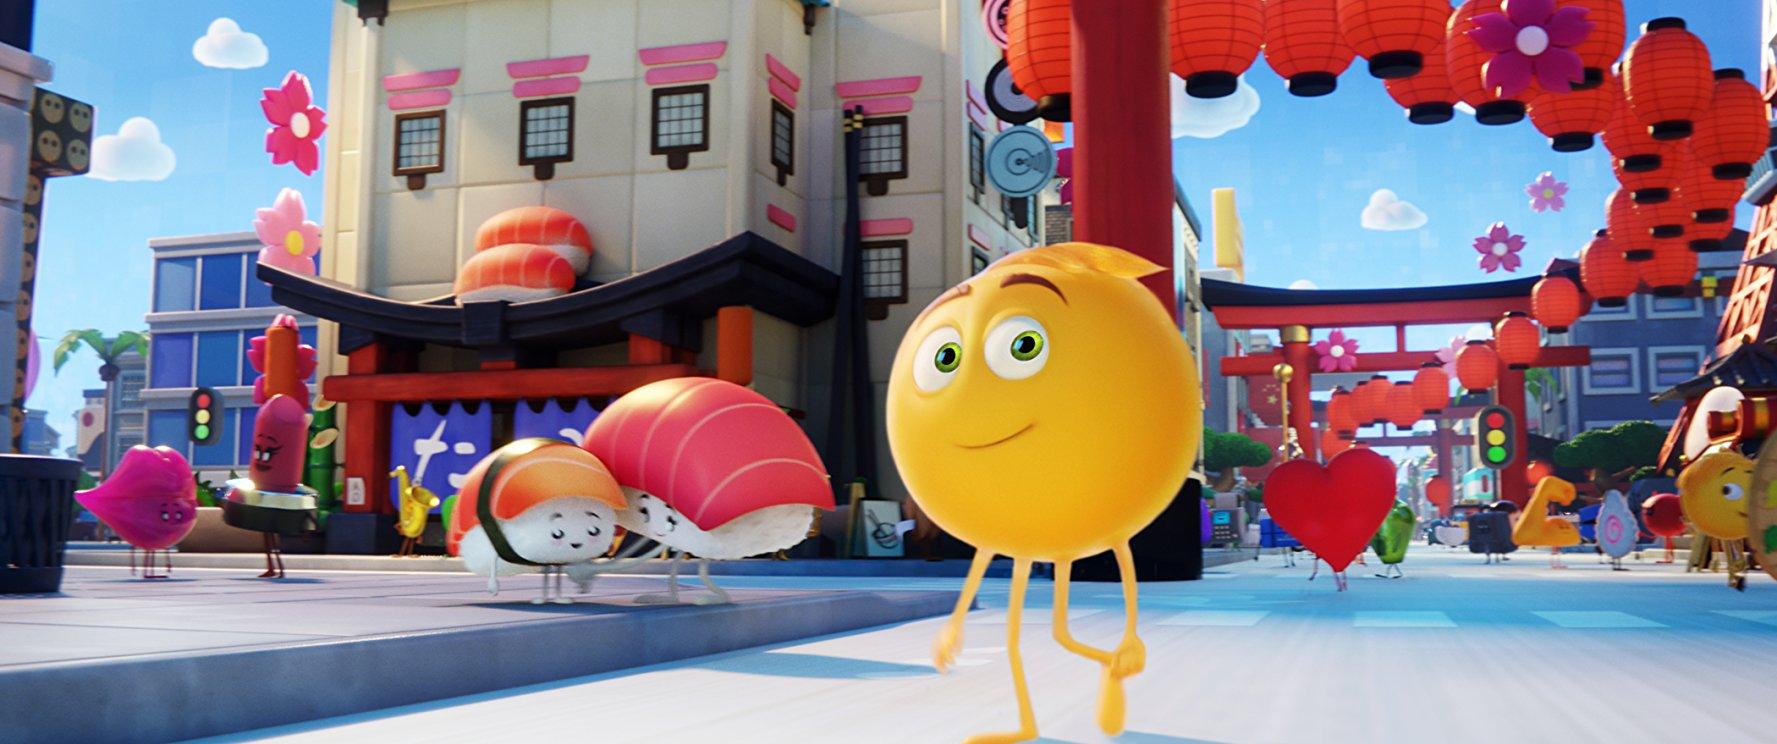 دانلود انیمیشن ایموجی The Emoji Movie - دانلود انیمیشن ایموجی The Emoji Movie دوبله